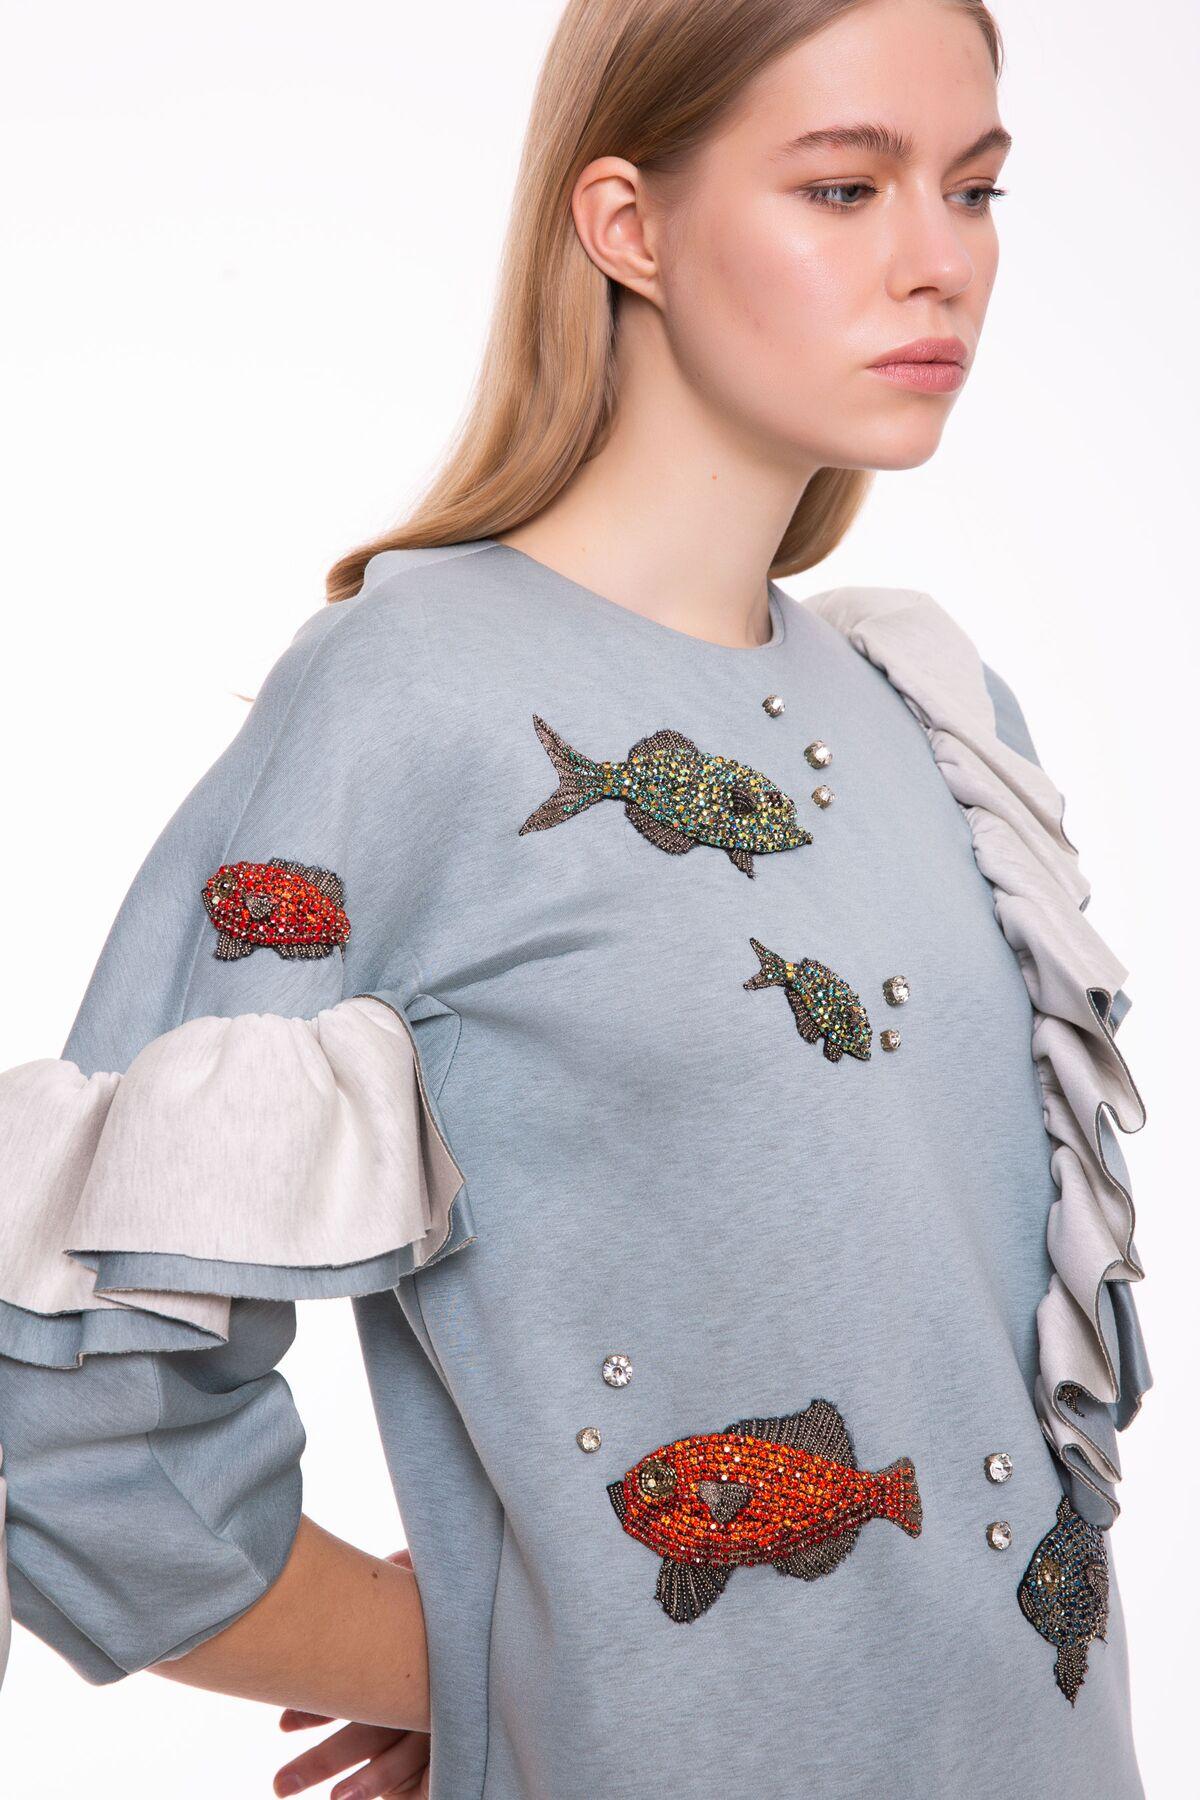 Fırfır Detaylı Taş İşlemeli Nil Yeşili Sweatshirt